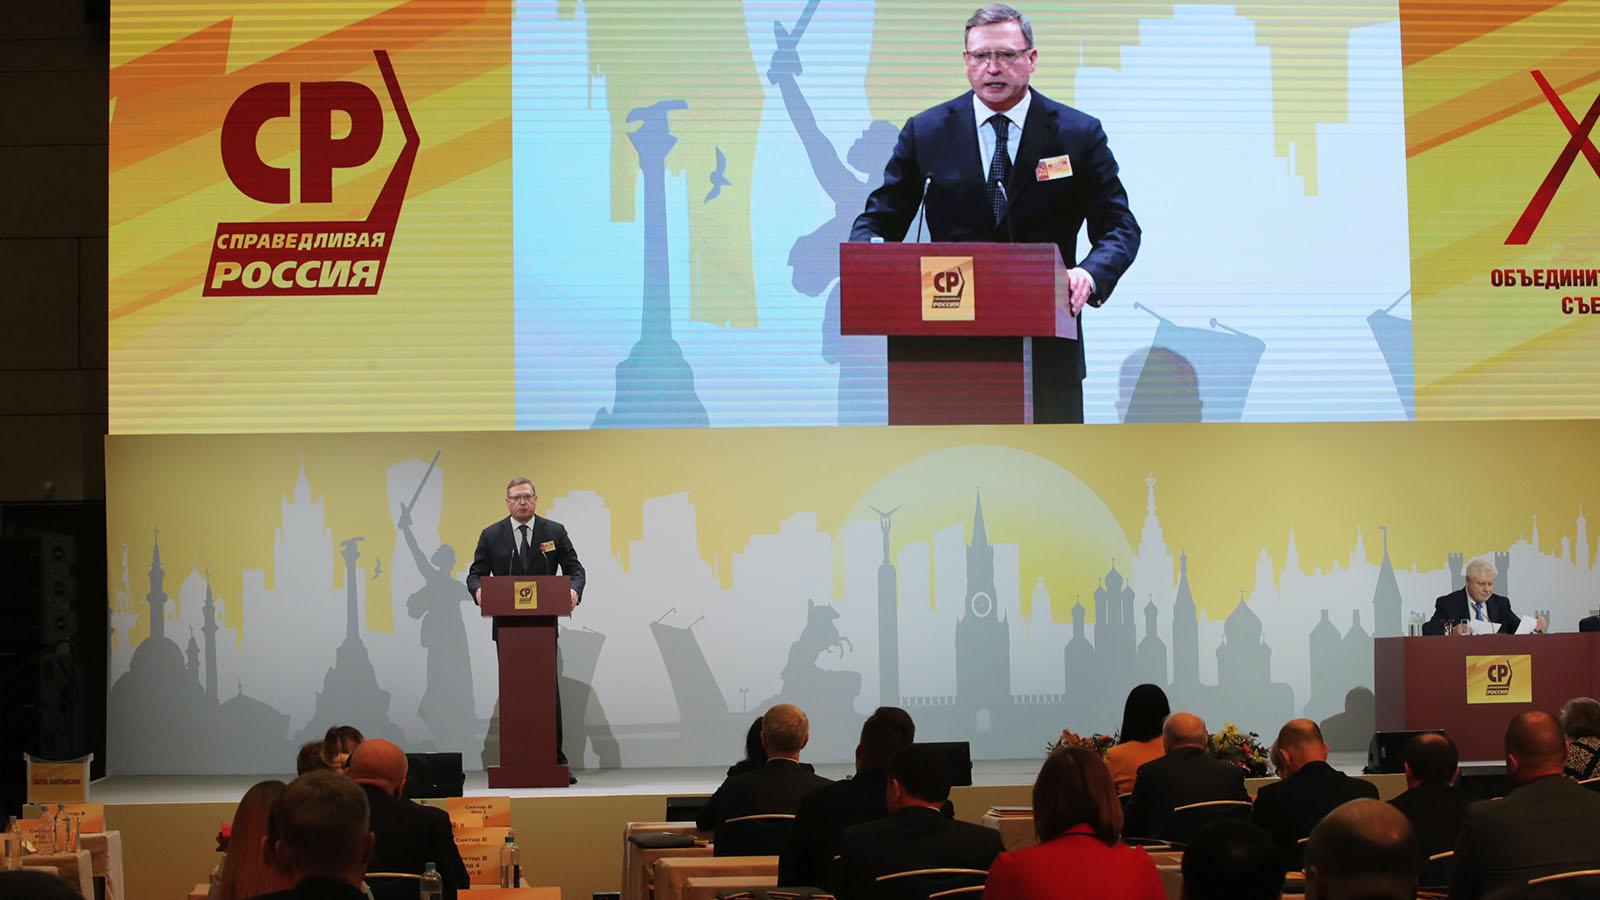 Бурков заявил, что нужно создать такое общество, где не будет бедности #Омск #Общество #Сегодня